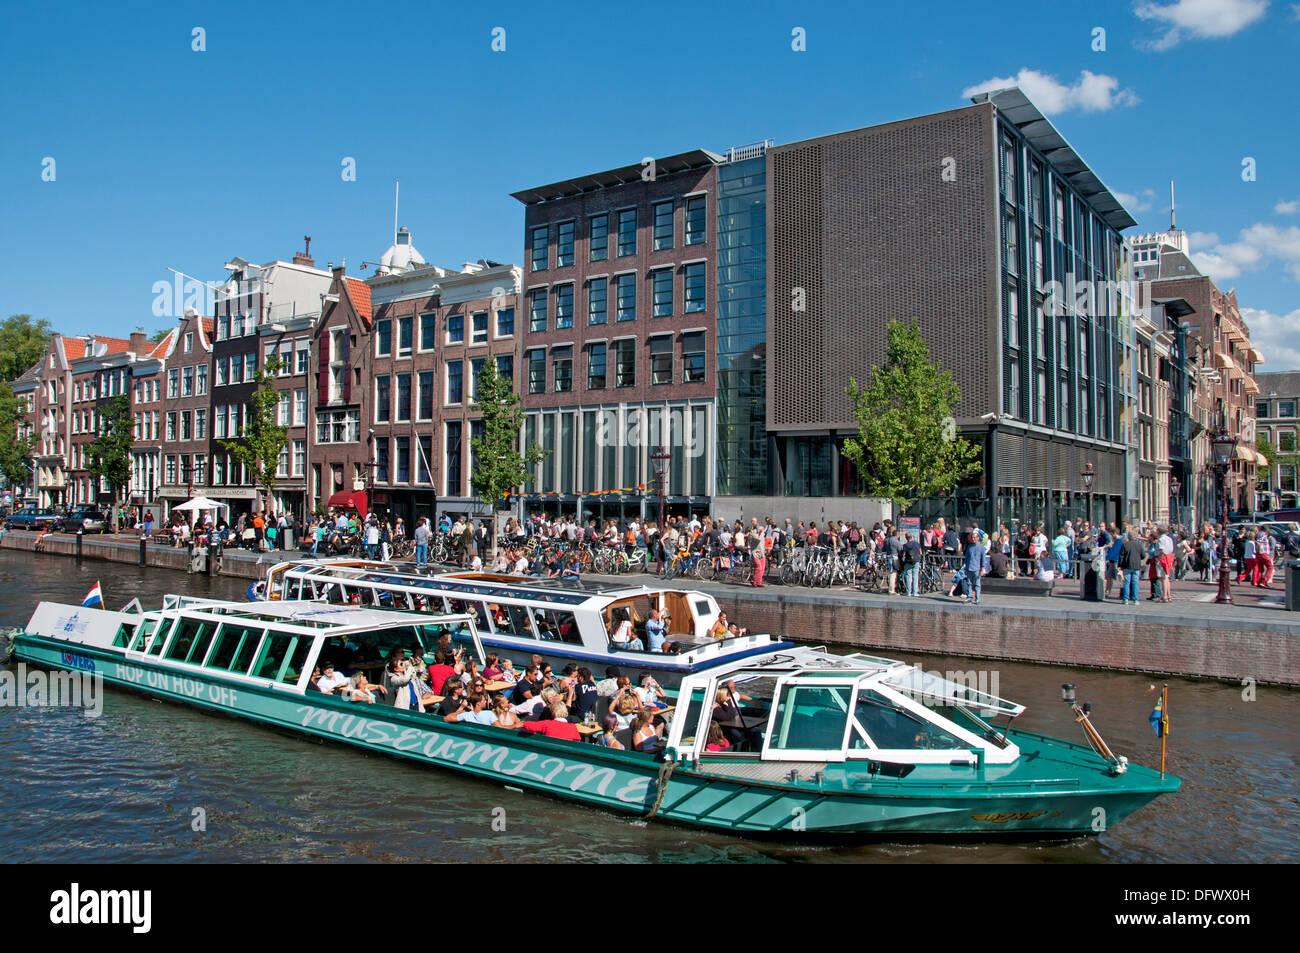 Anne-Frank-Haus (linke alte Haus Prinsengracht) 263-265 Amsterdam Niederlande (Museum des jüdischen Krieges Tagebuchschreiberin gewidmet) Stockfoto